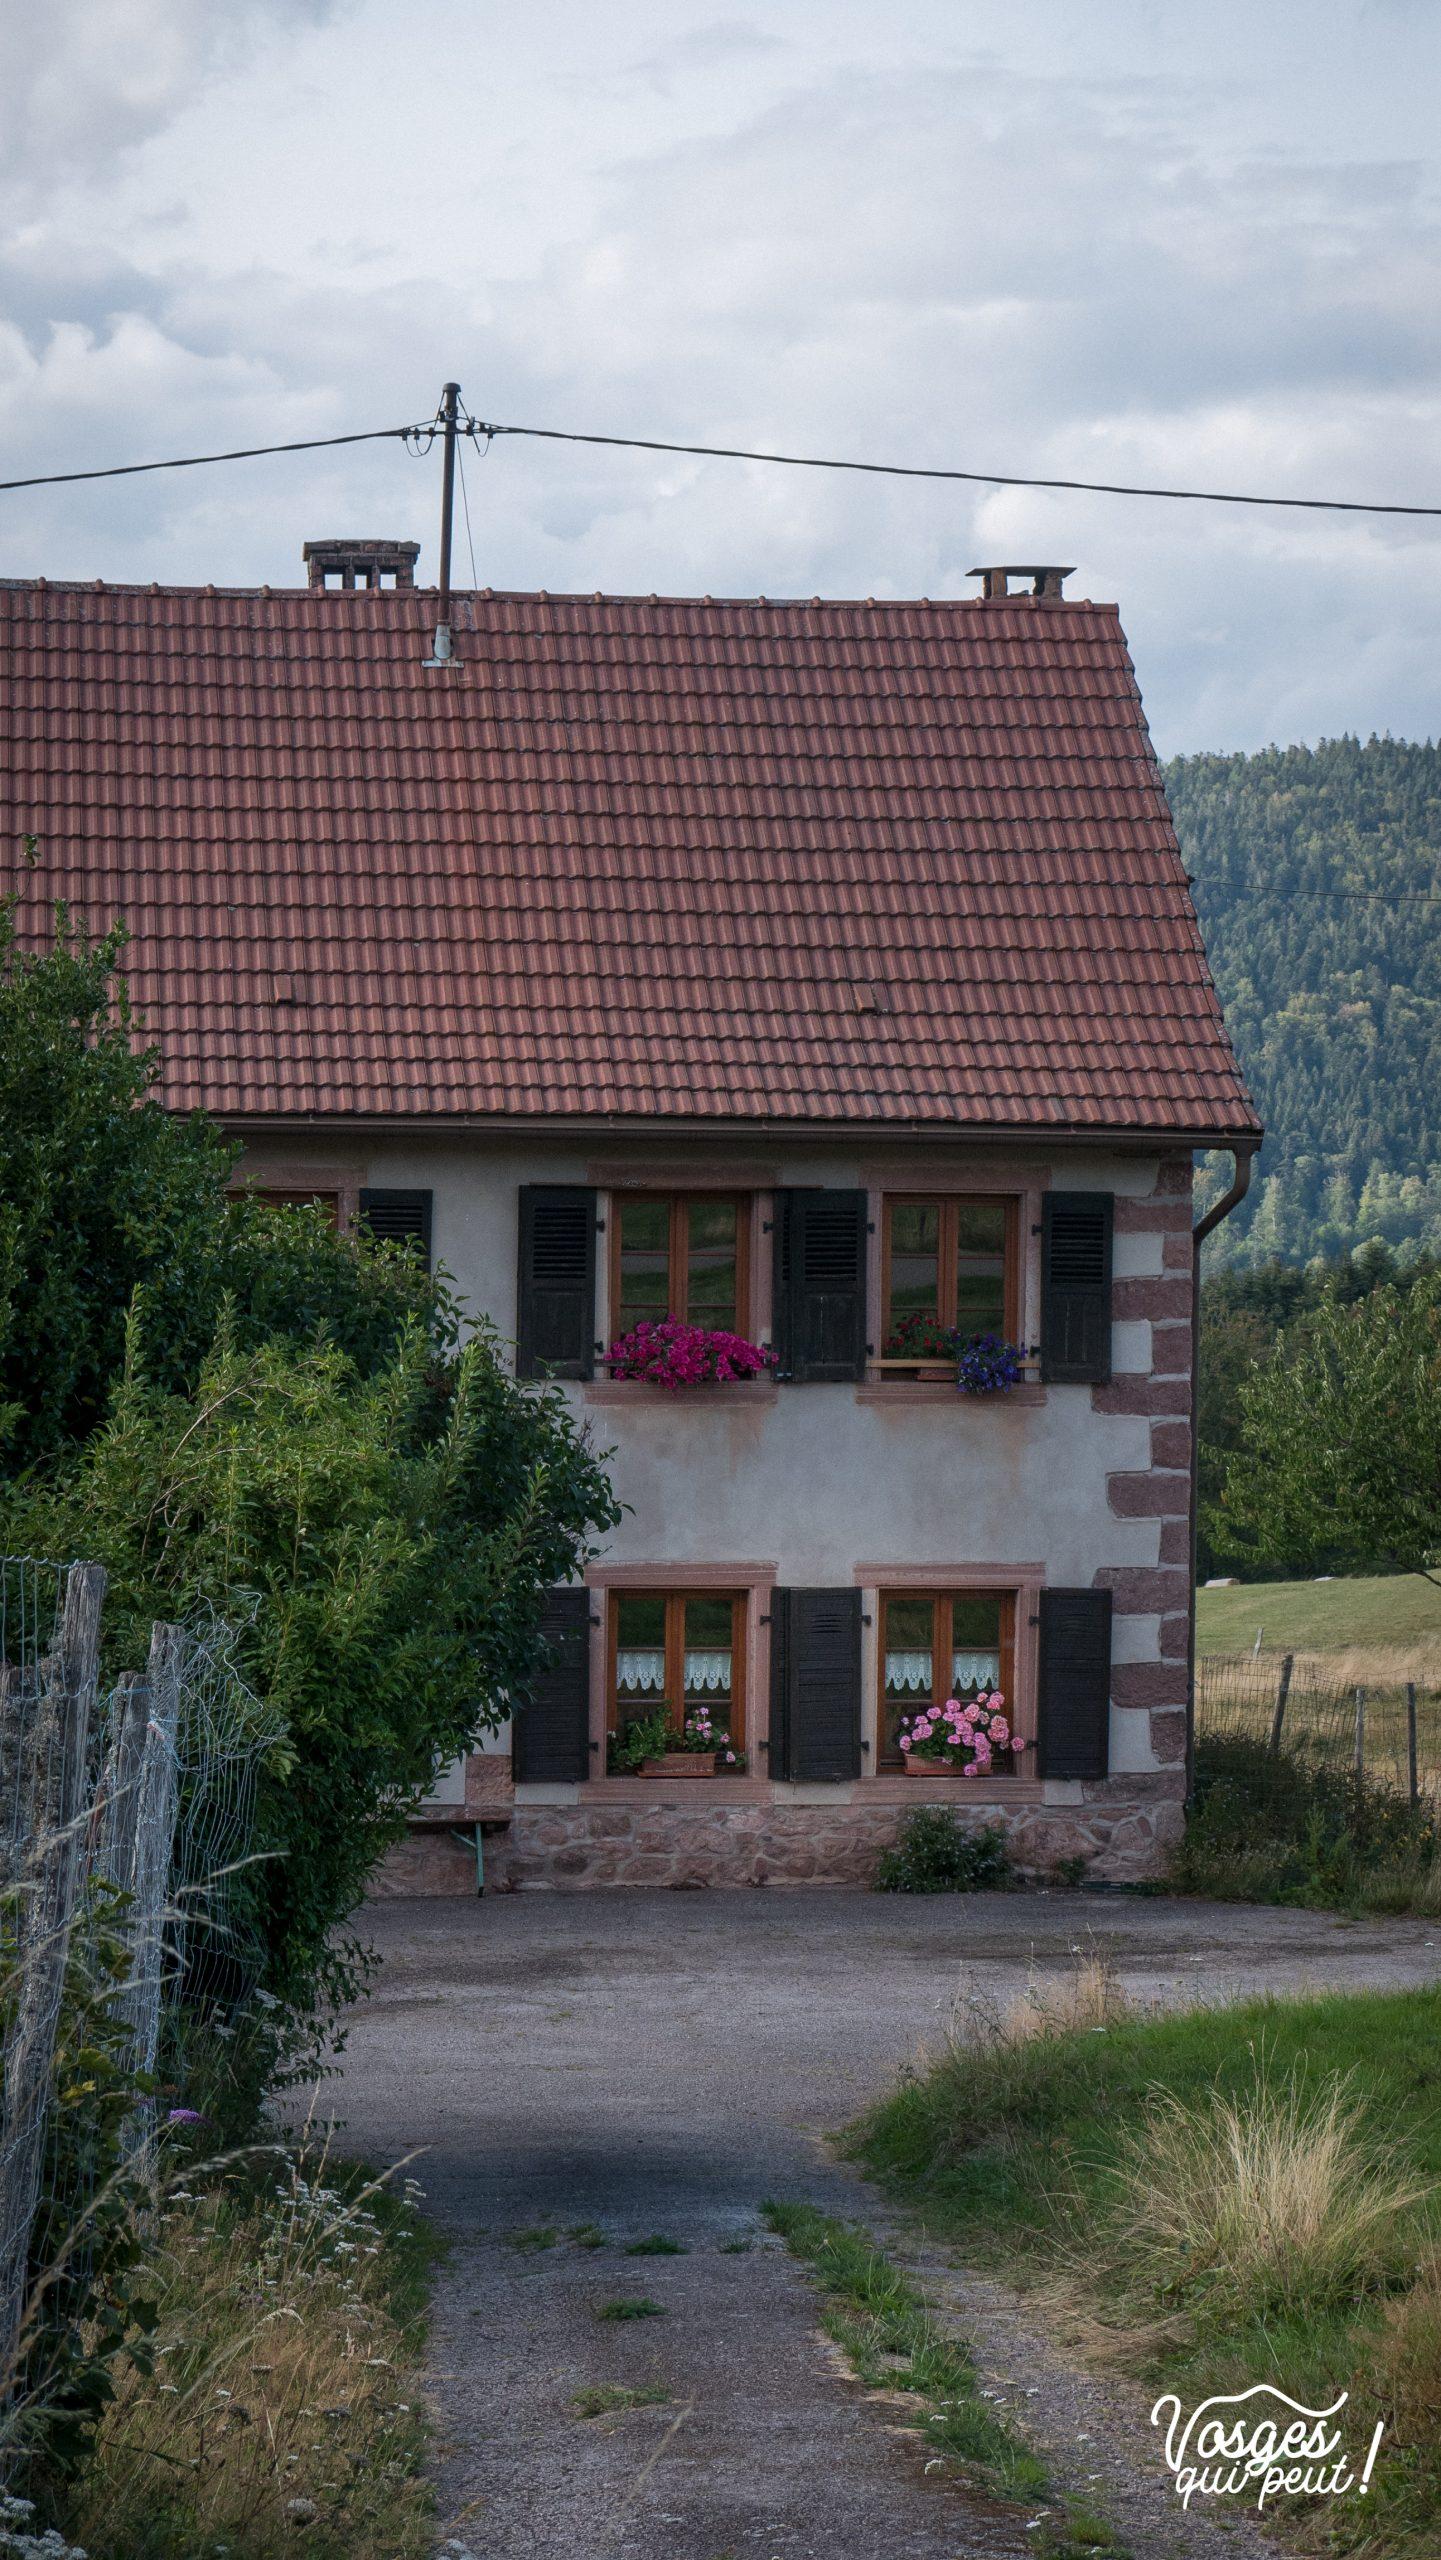 Une maison dans le hameau de Salm dans la vallée de la Bruche